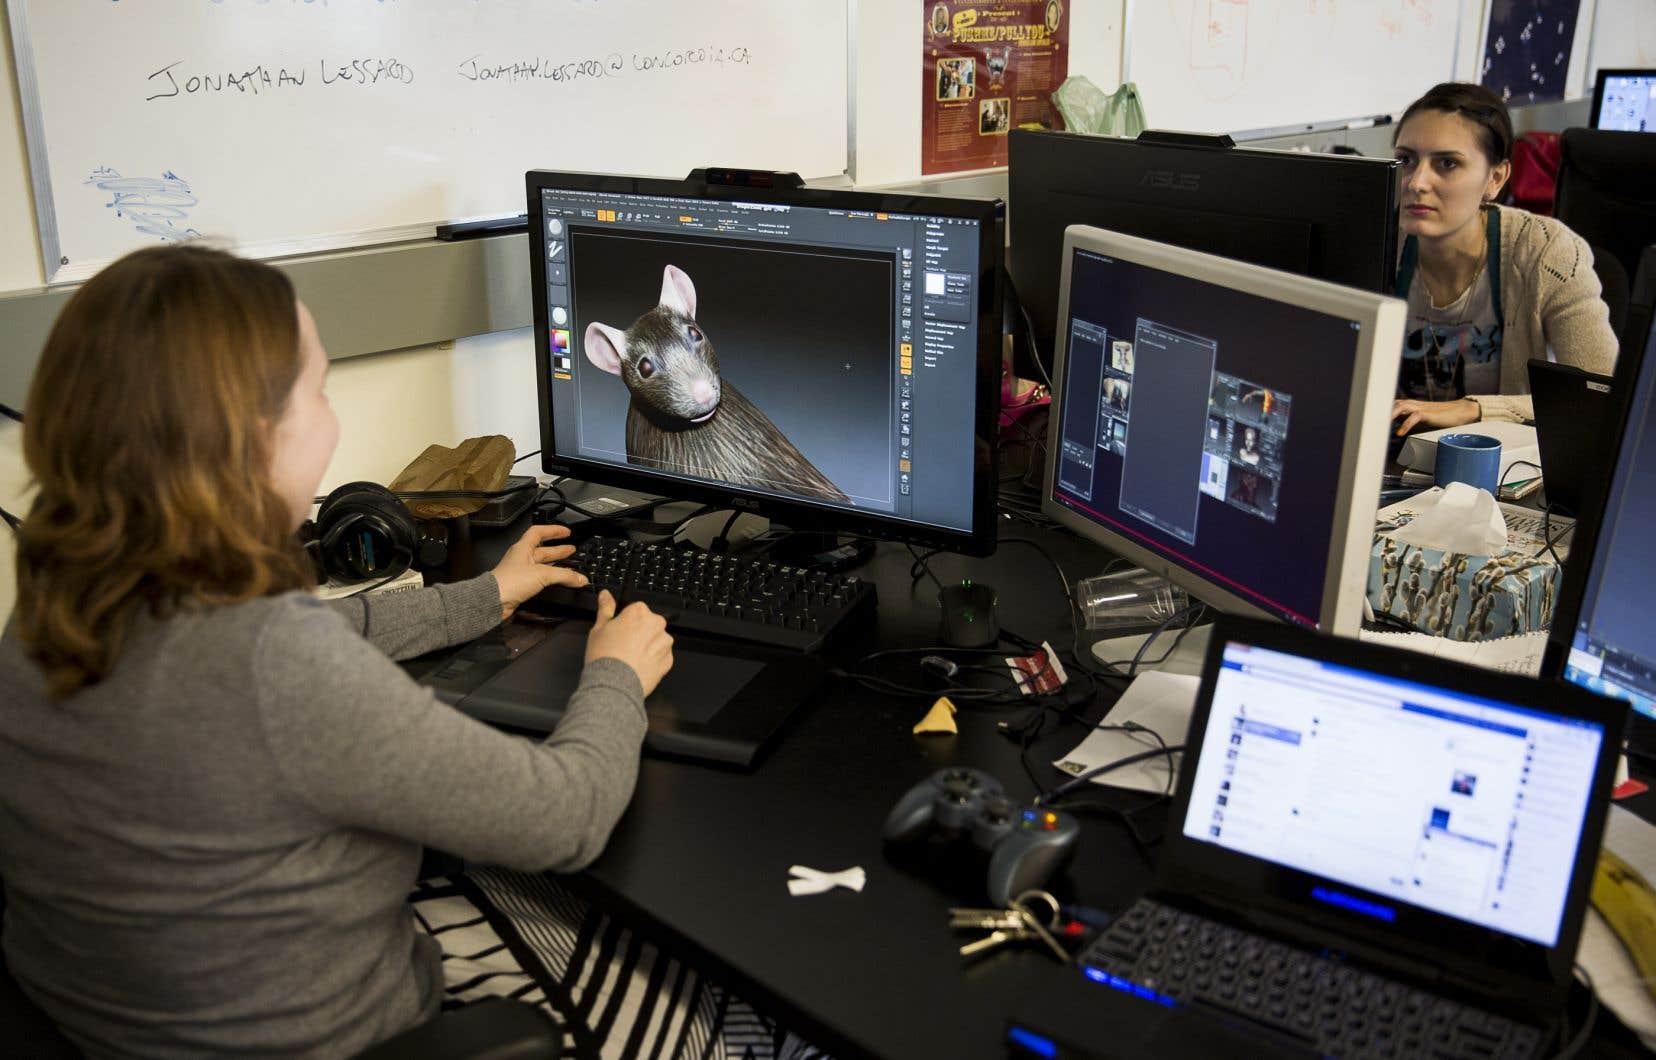 Le Centre de technologie, d'art et de jeux de l'Université Concordia